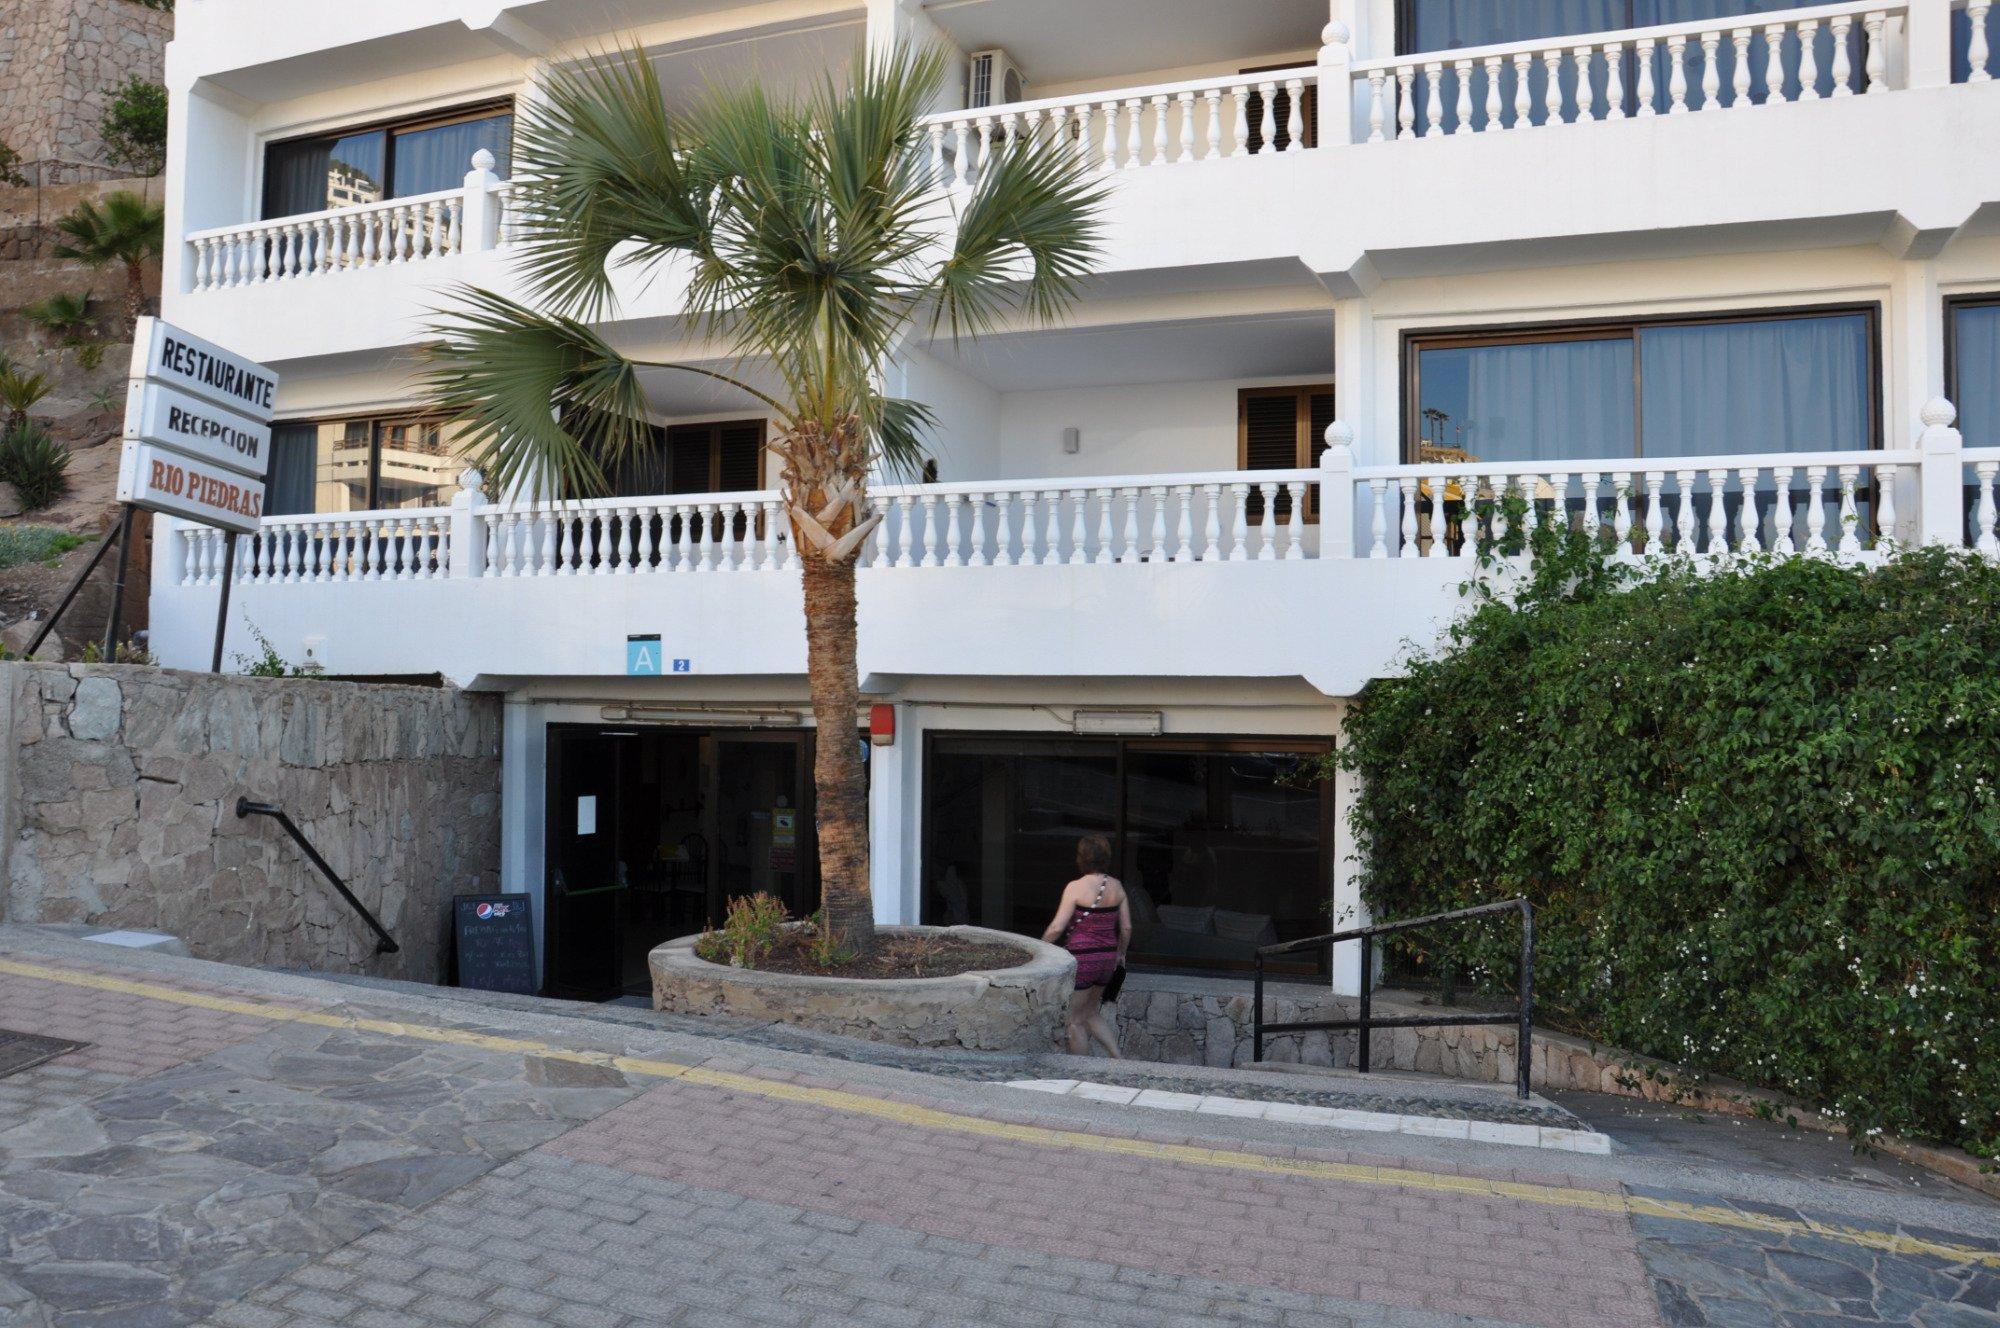 Rio Piedras Apartments